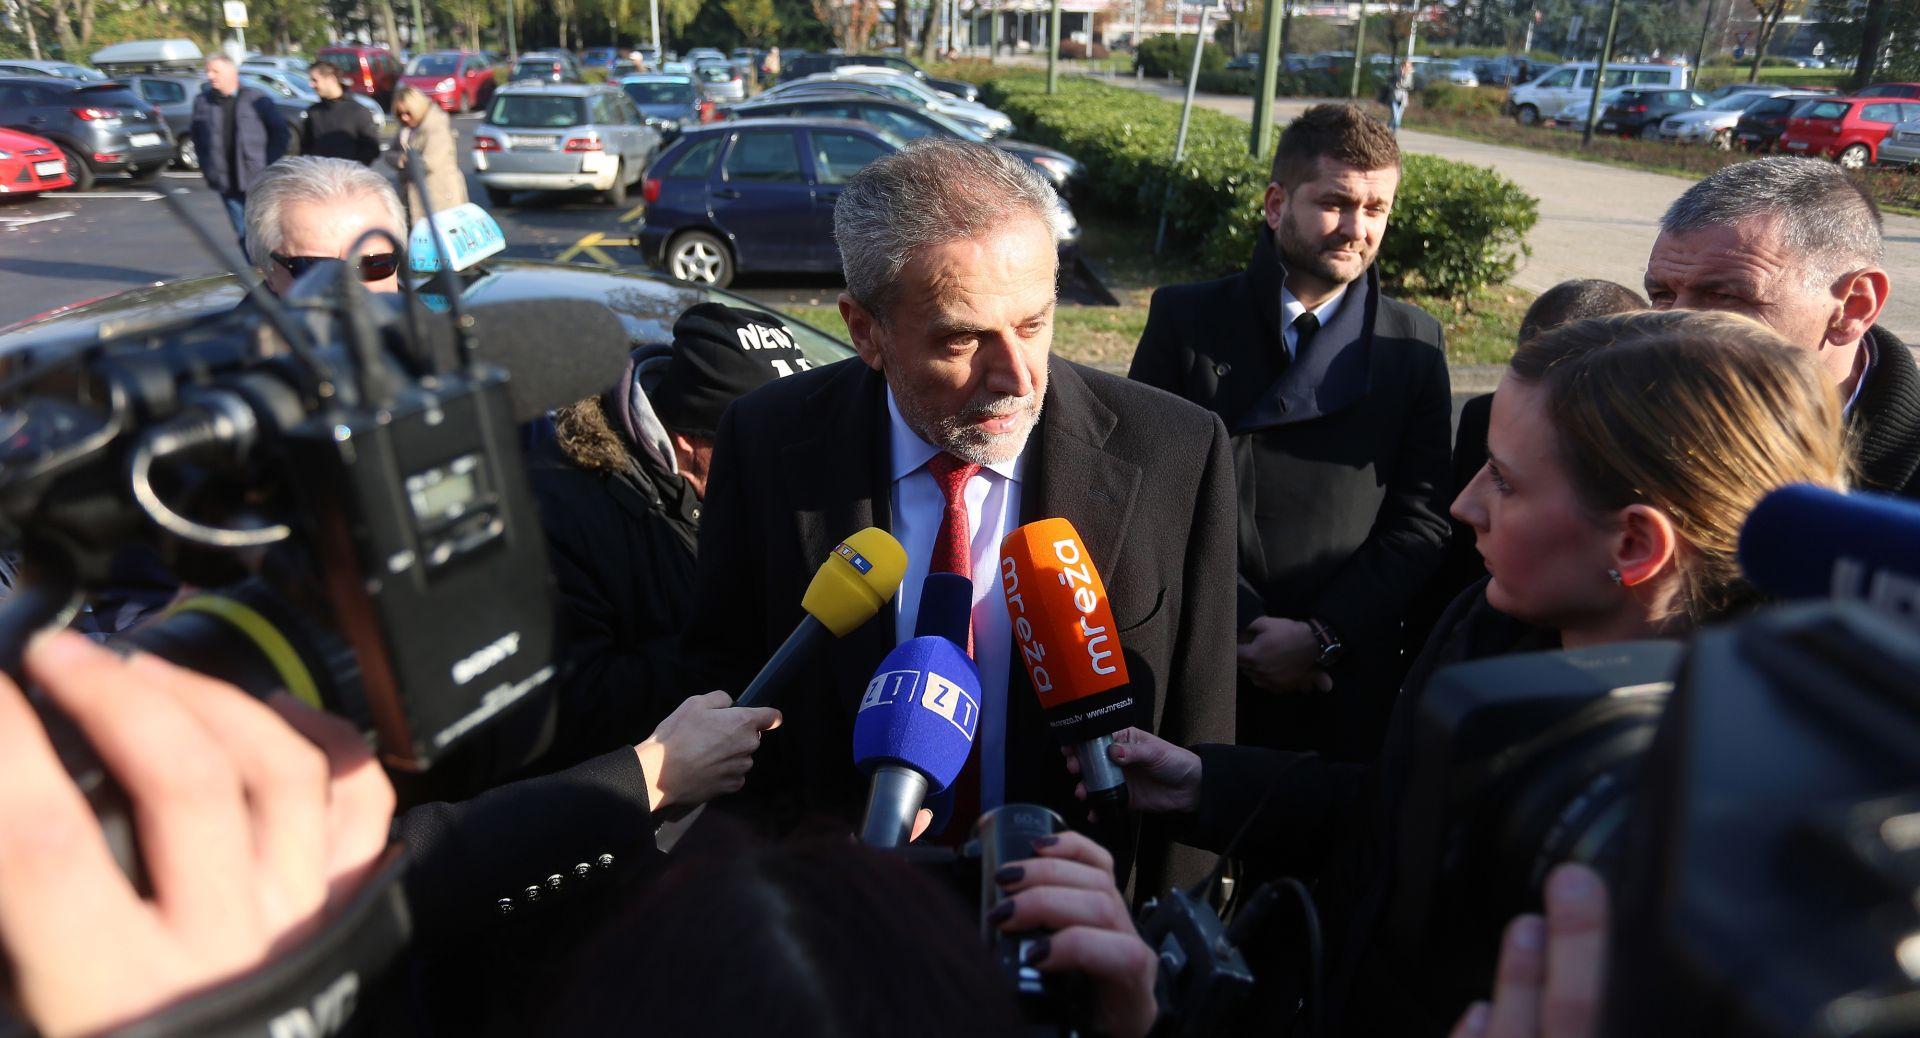 Bandić: Spin o nepotizmu u Gradskoj upravi pokušavaju plasirati oni koji su zaposlili 200.000 ljudi u zadnjih 26 godina